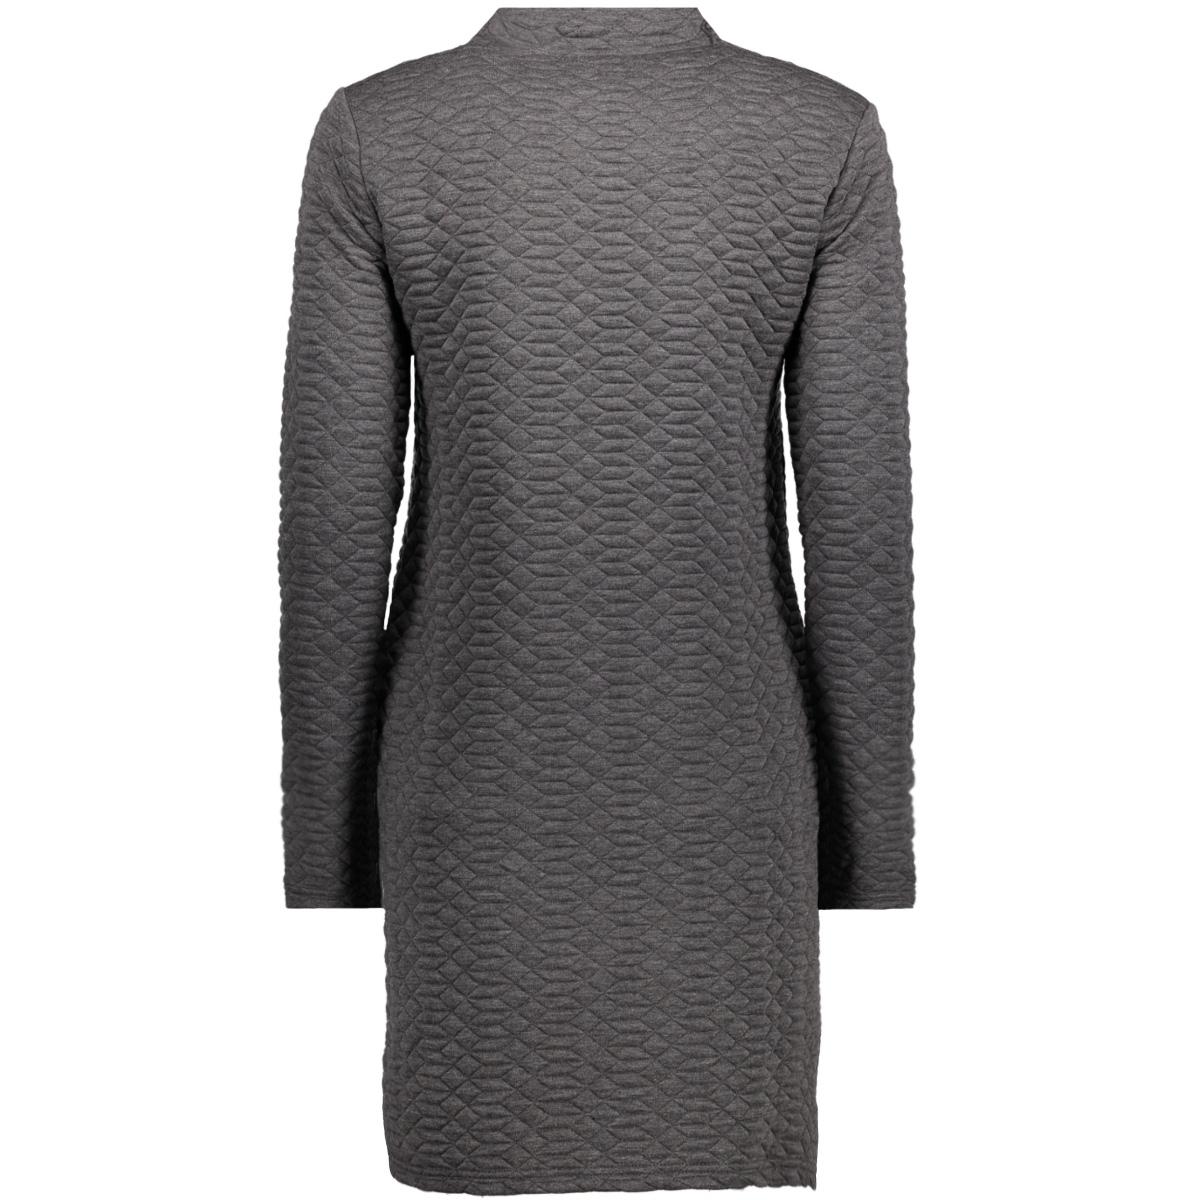 jdysoul highneck dress swt 15140966 jacqueline de yong jurk dark grey melange